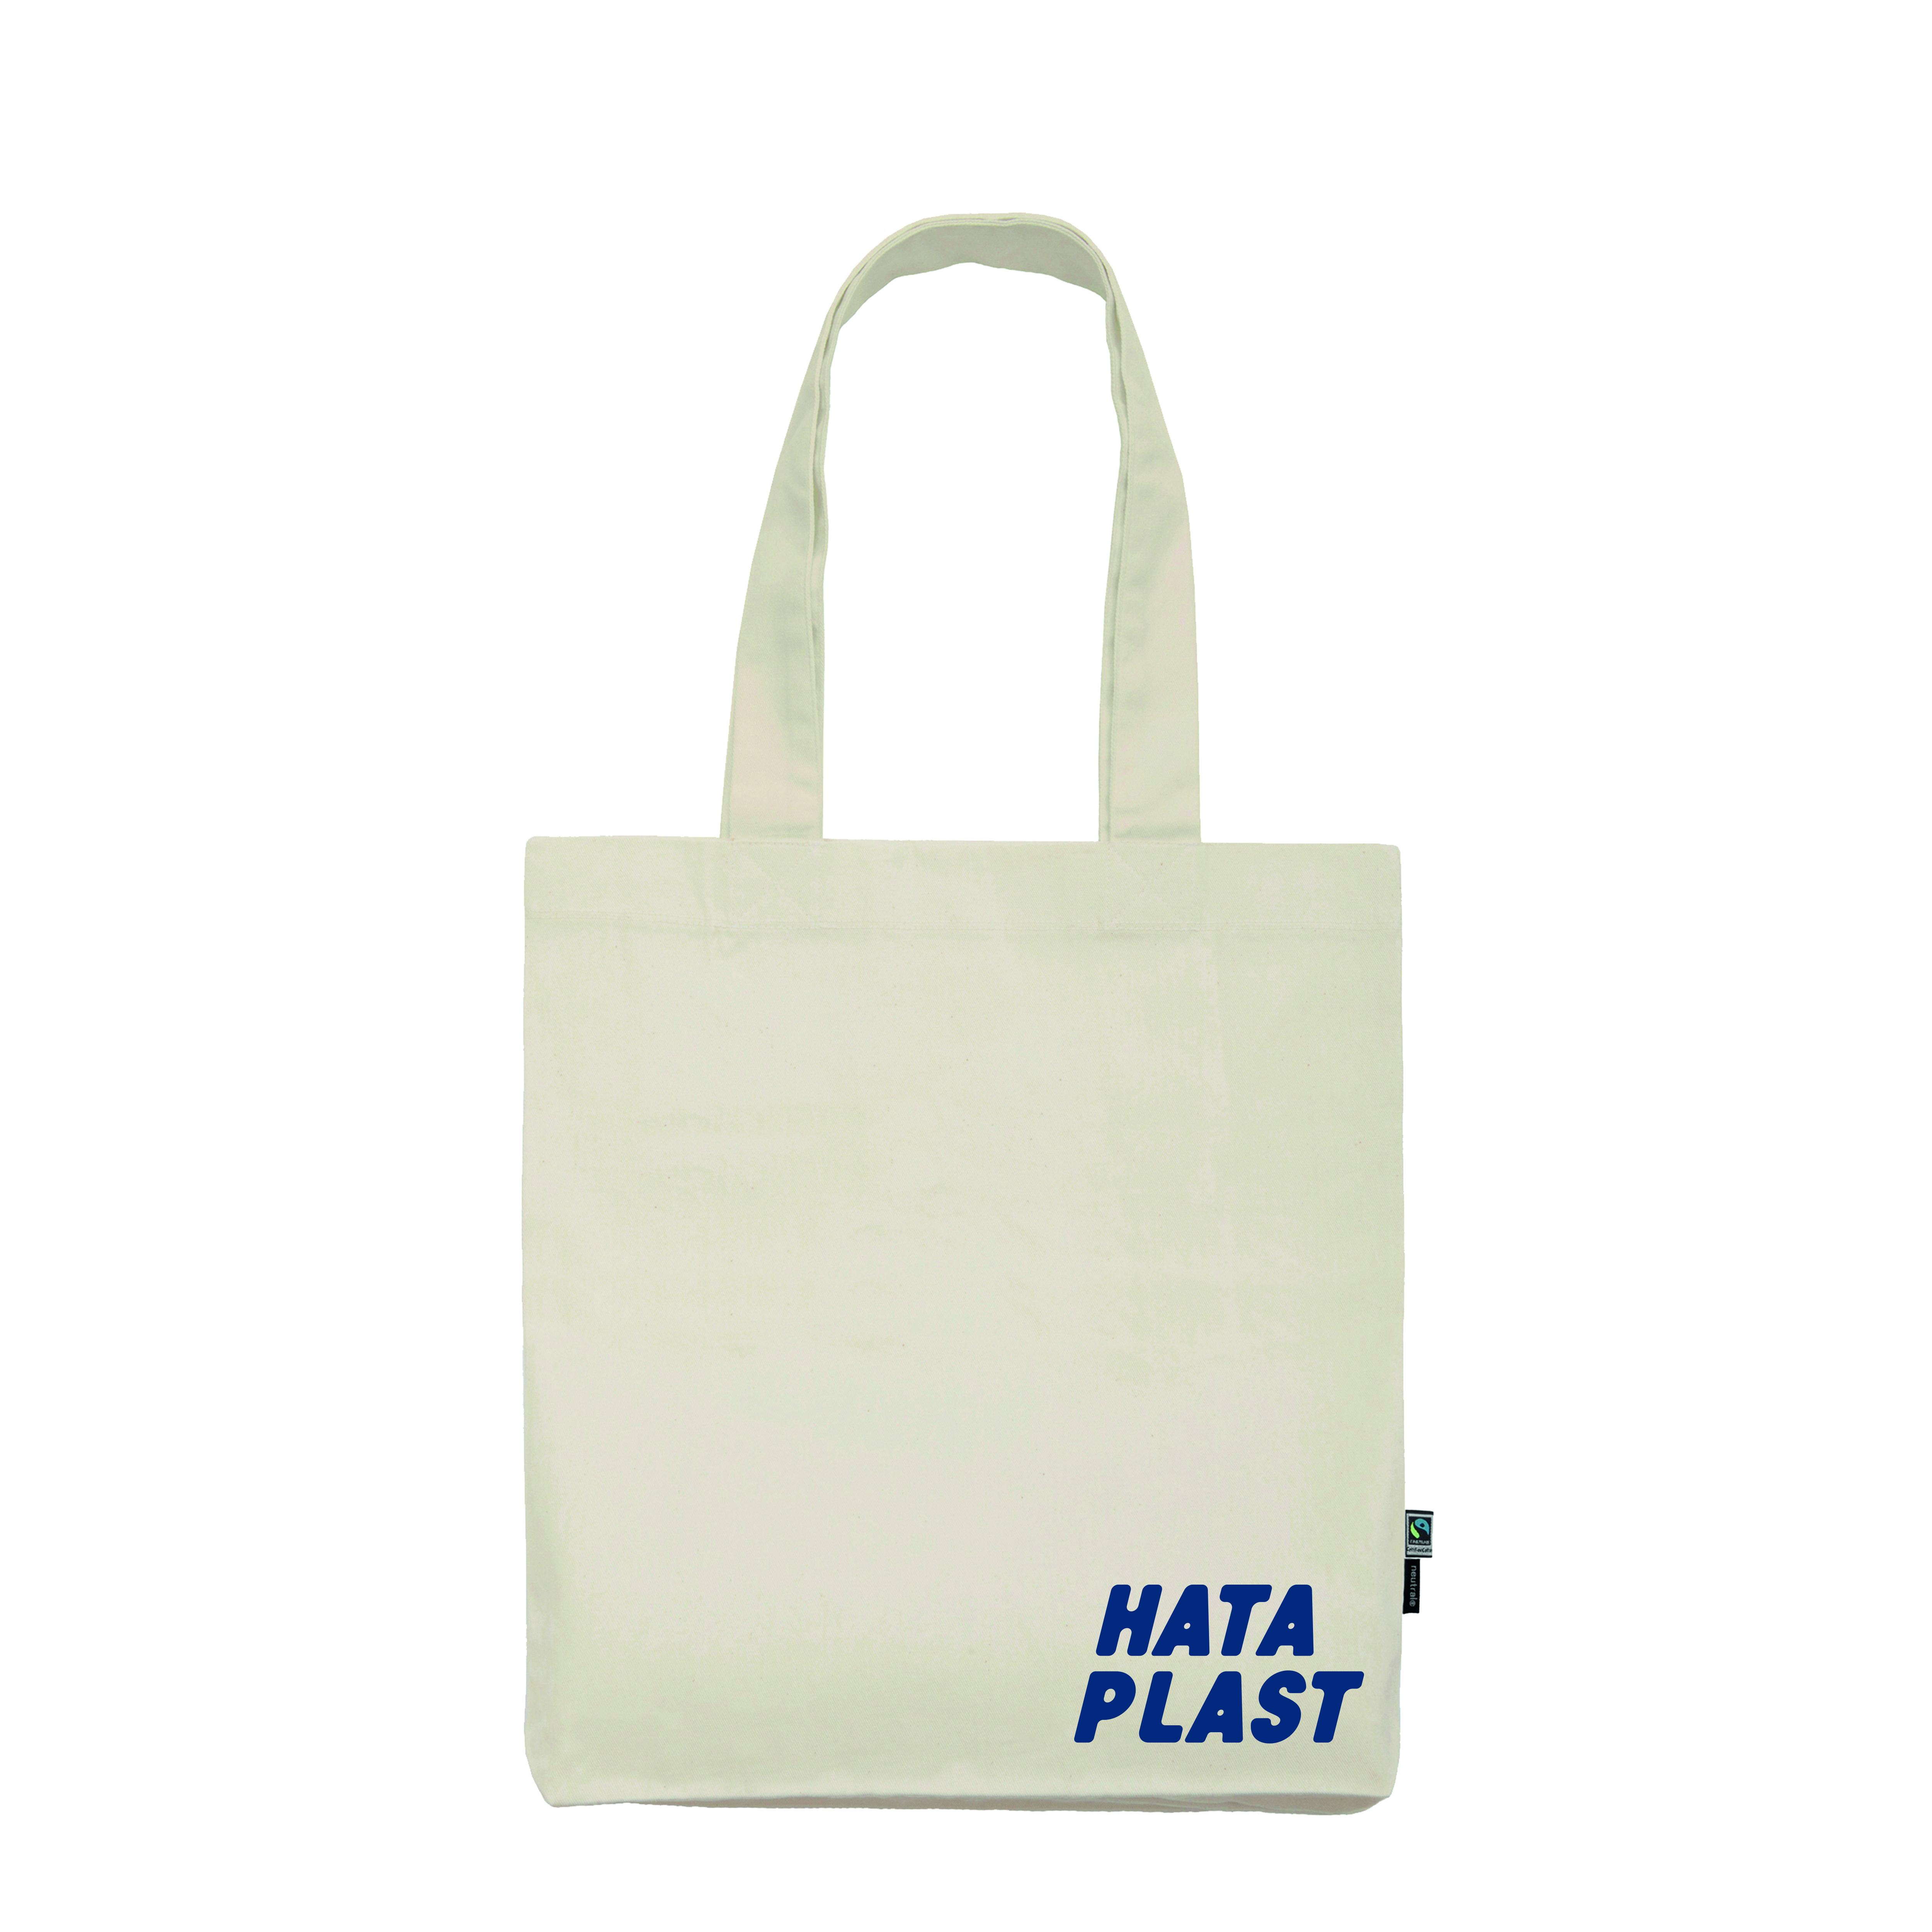 H*ta Plast - Påse